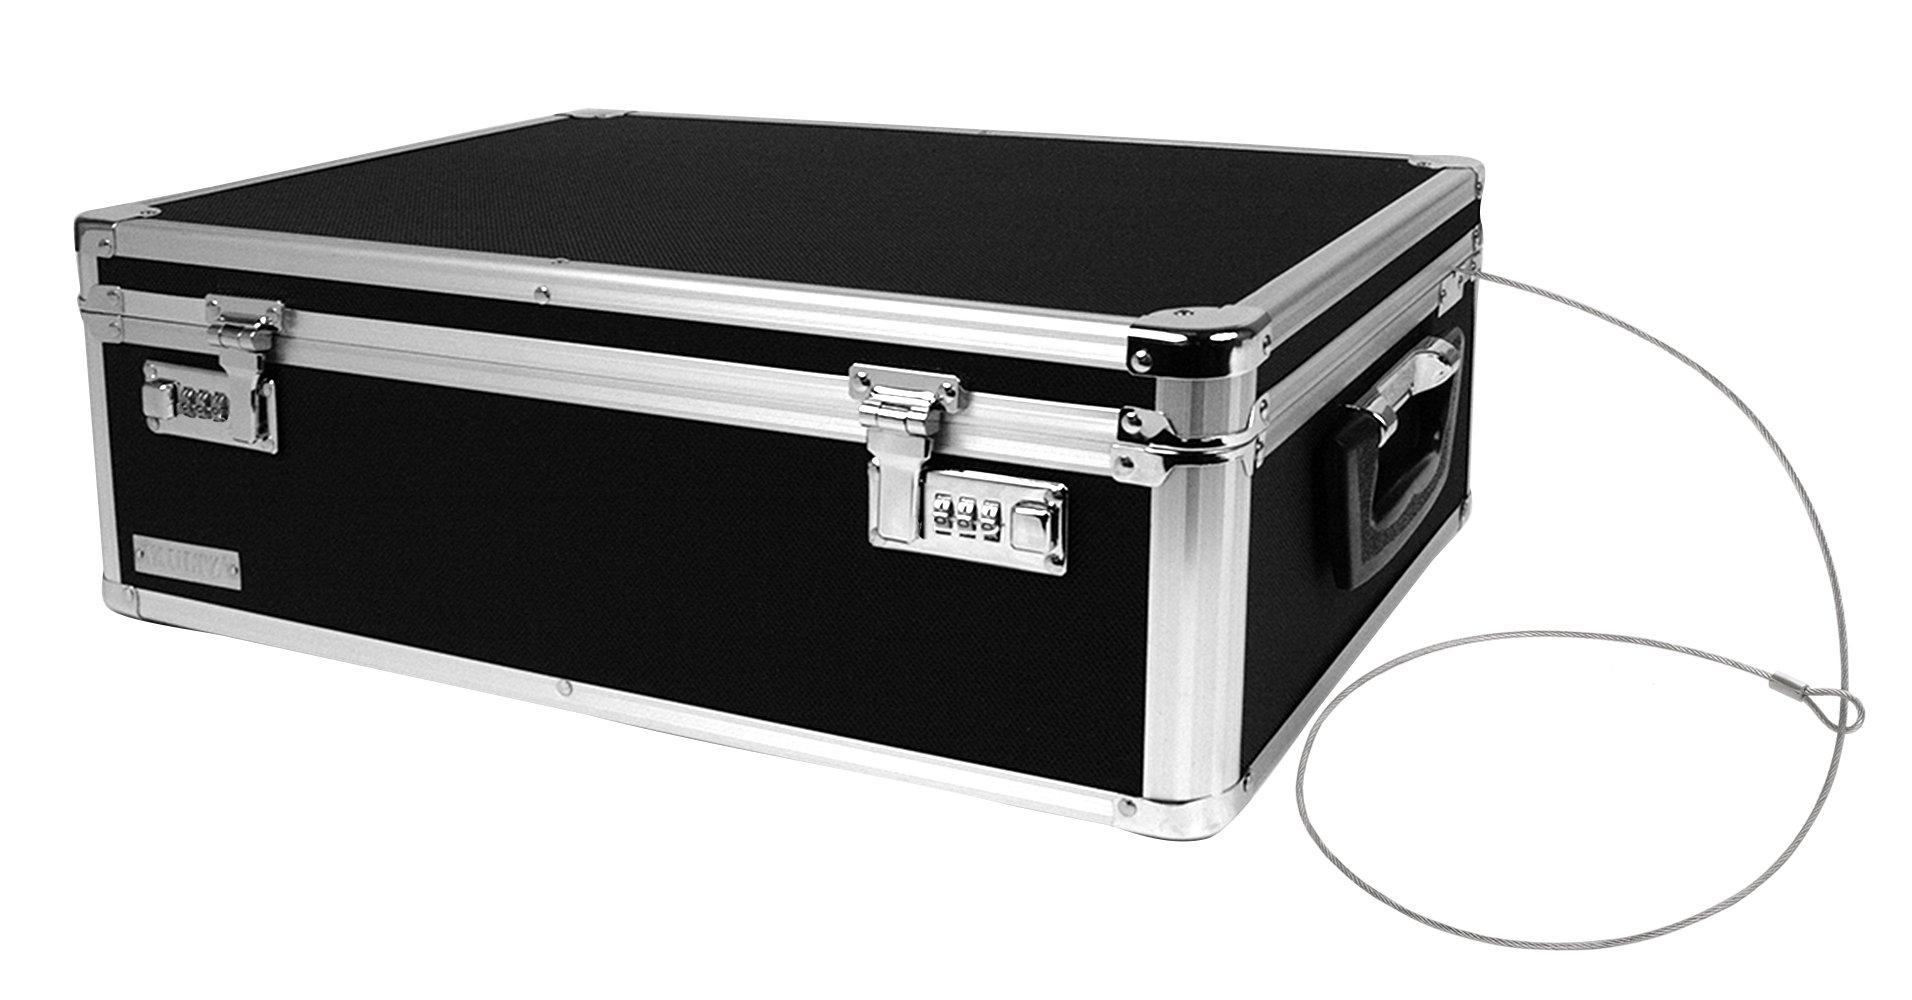 Vaultz Locking Storage Box, 6.5 x 19 x 13.5 Inches, Black (VZ00323) by Vaultz